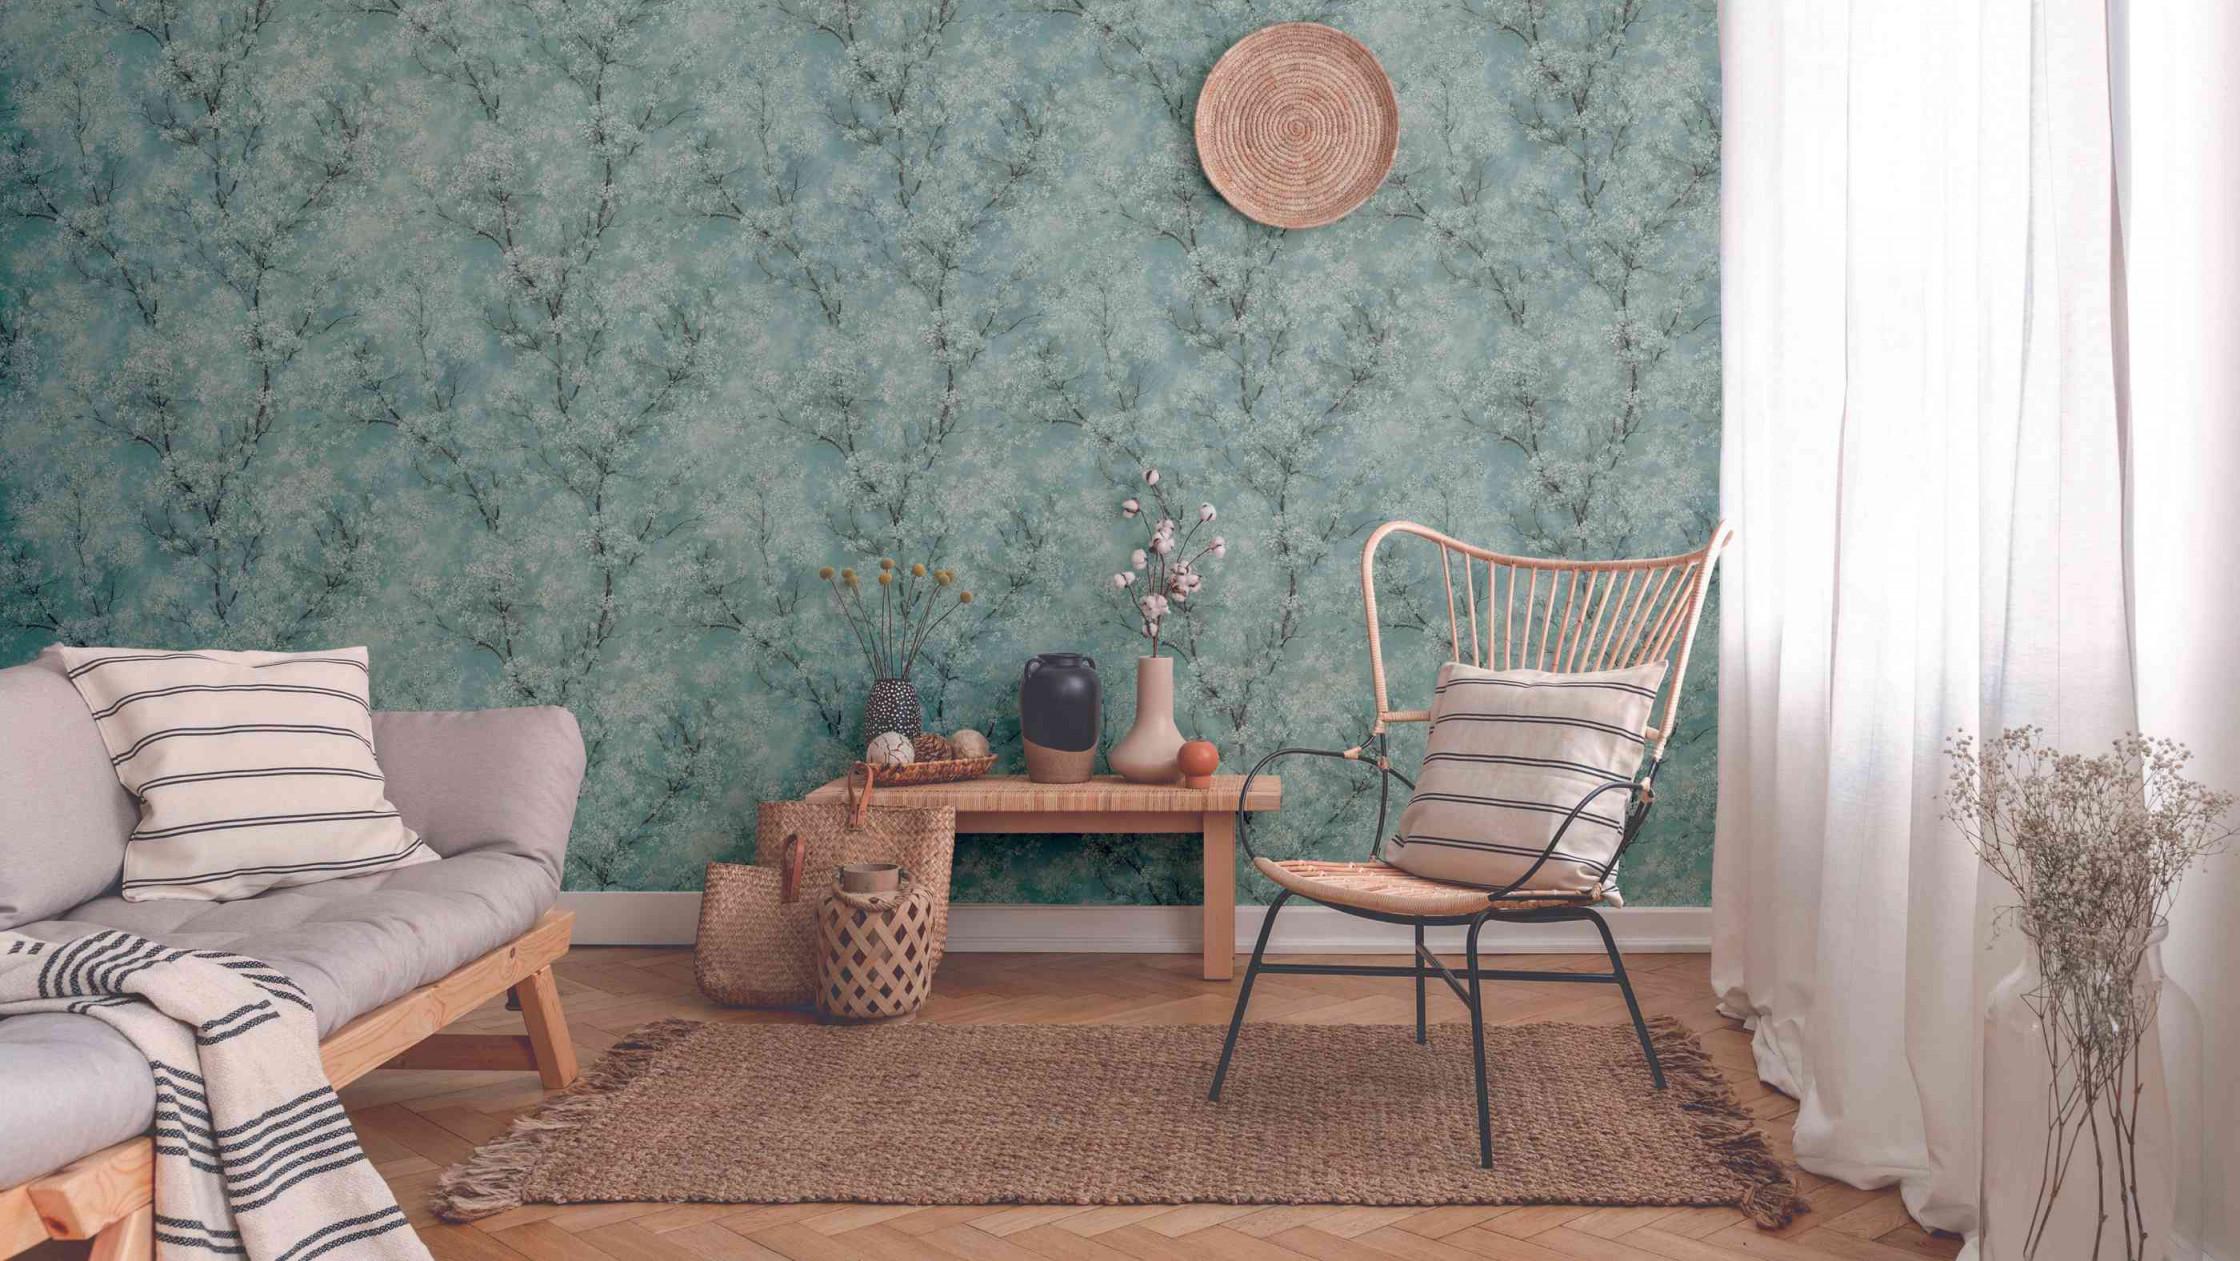 Tapetentrends 2020 So Sehen Die Tapeten Der Zukunft Aus von Tapeten Trends Wohnzimmer Photo